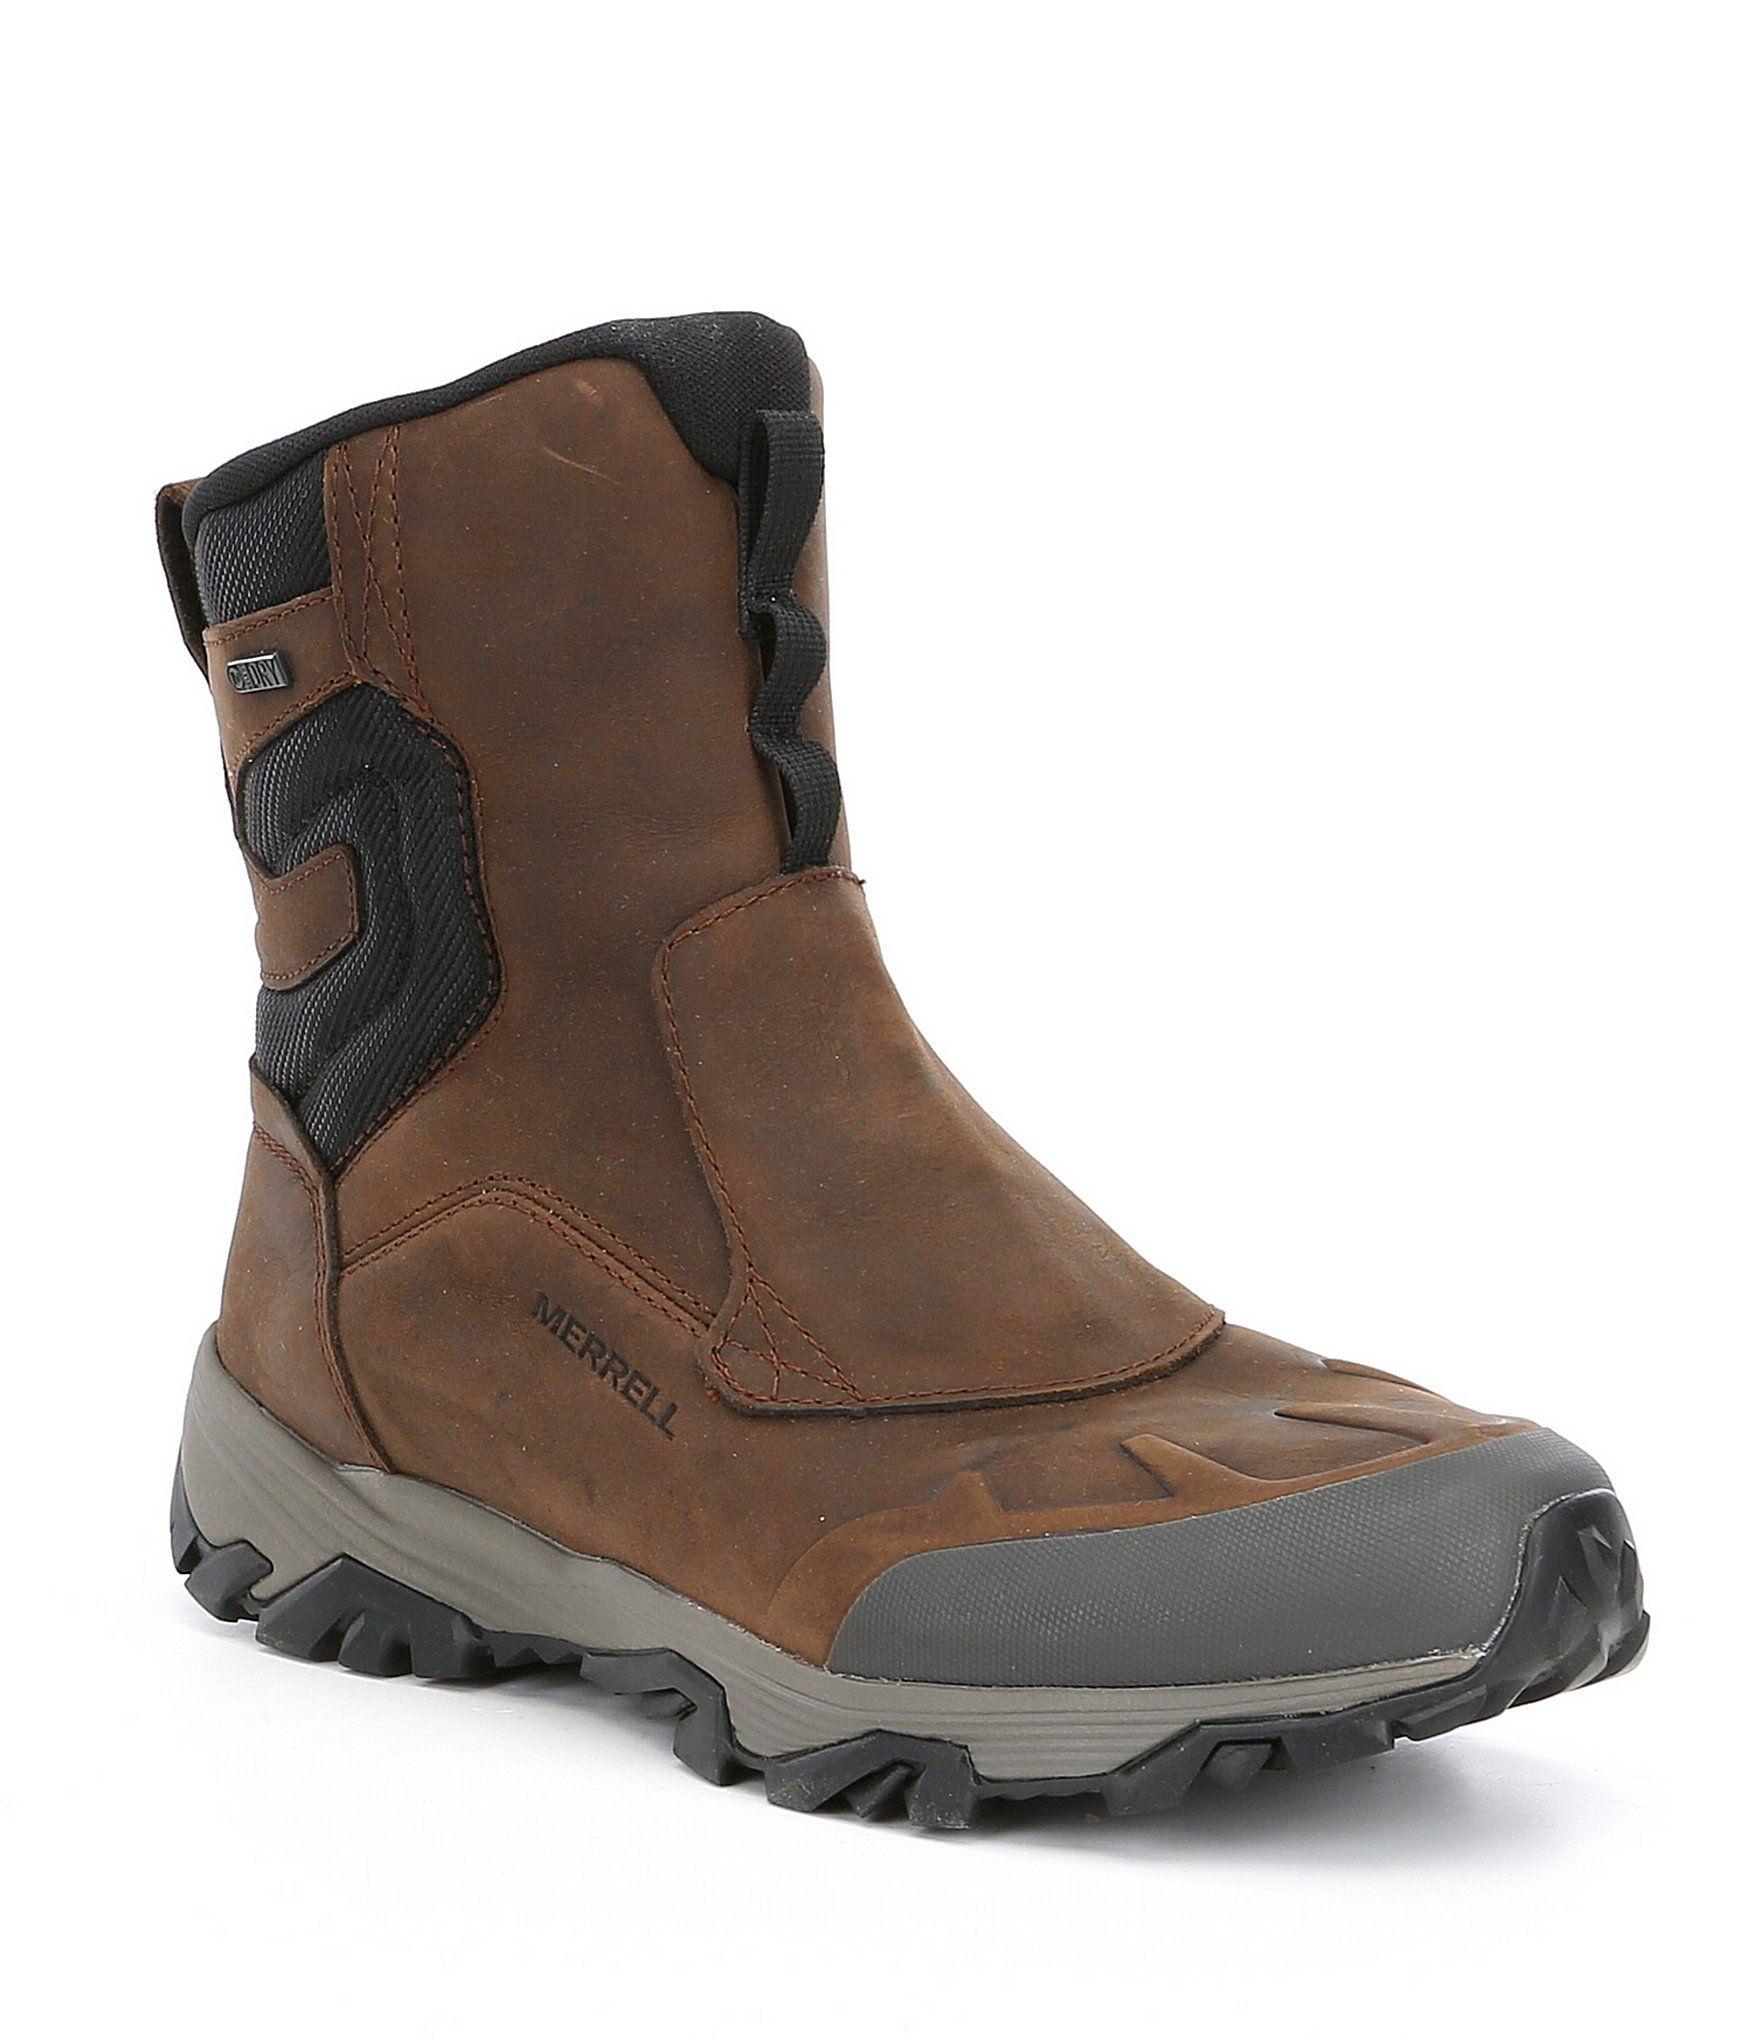 Merrell Men's Coldpack Ice 8 Zip Polar Suede Waterproof Winter Boots – Copper Mountain 8M